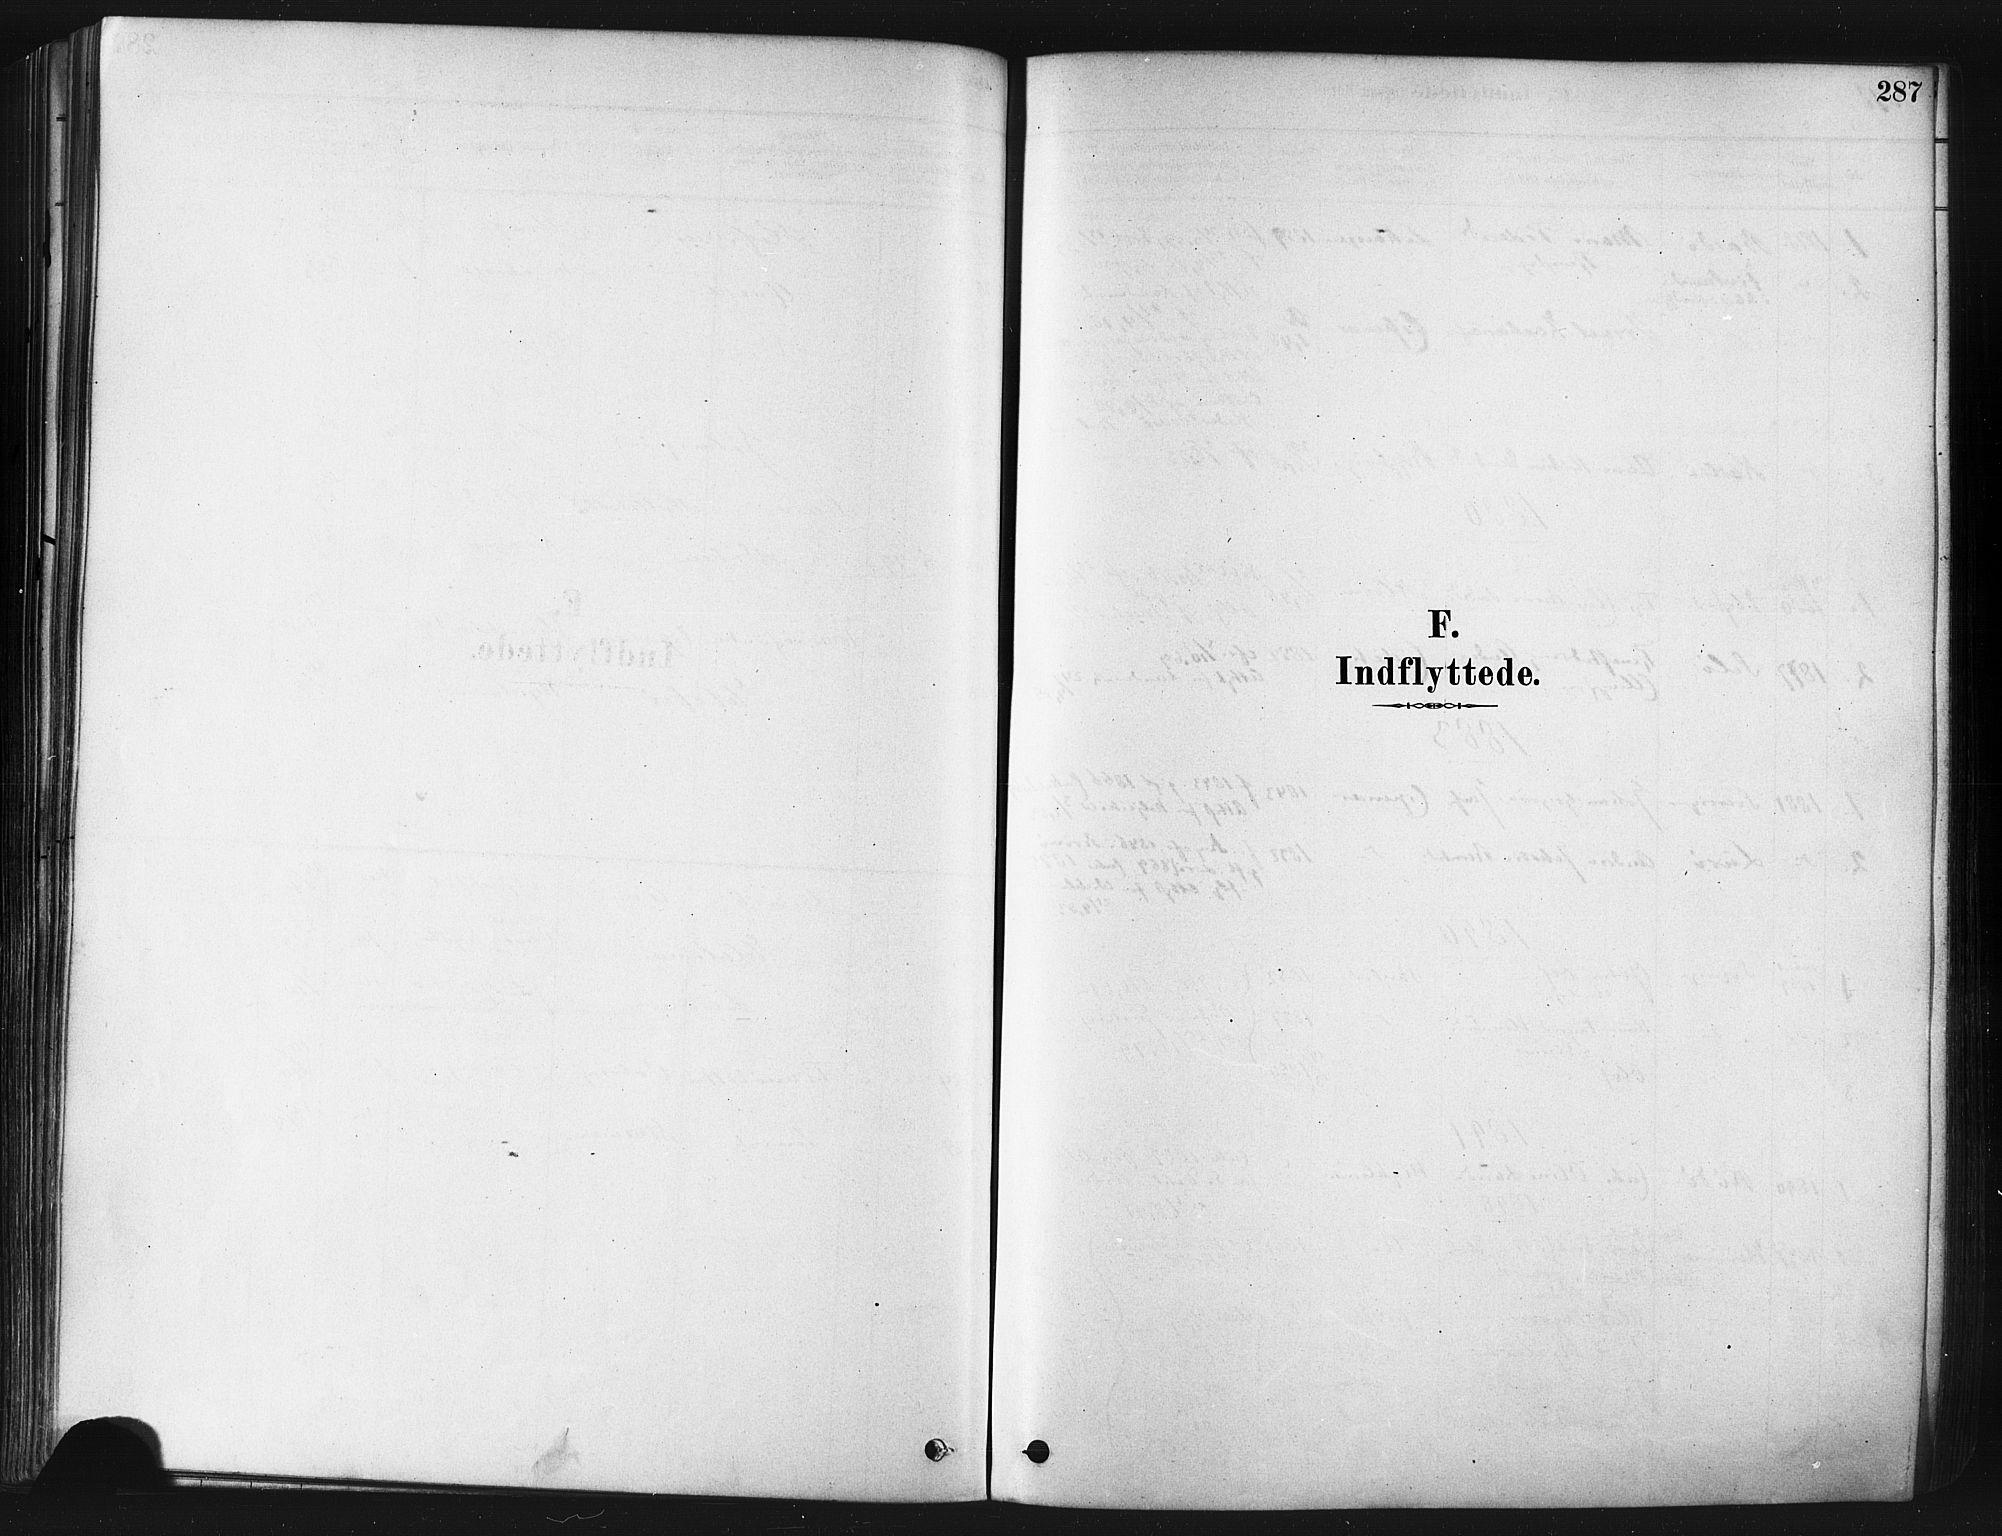 SATØ, Tranøy sokneprestkontor, I/Ia/Iaa/L0009kirke: Parish register (official) no. 9, 1878-1904, p. 287